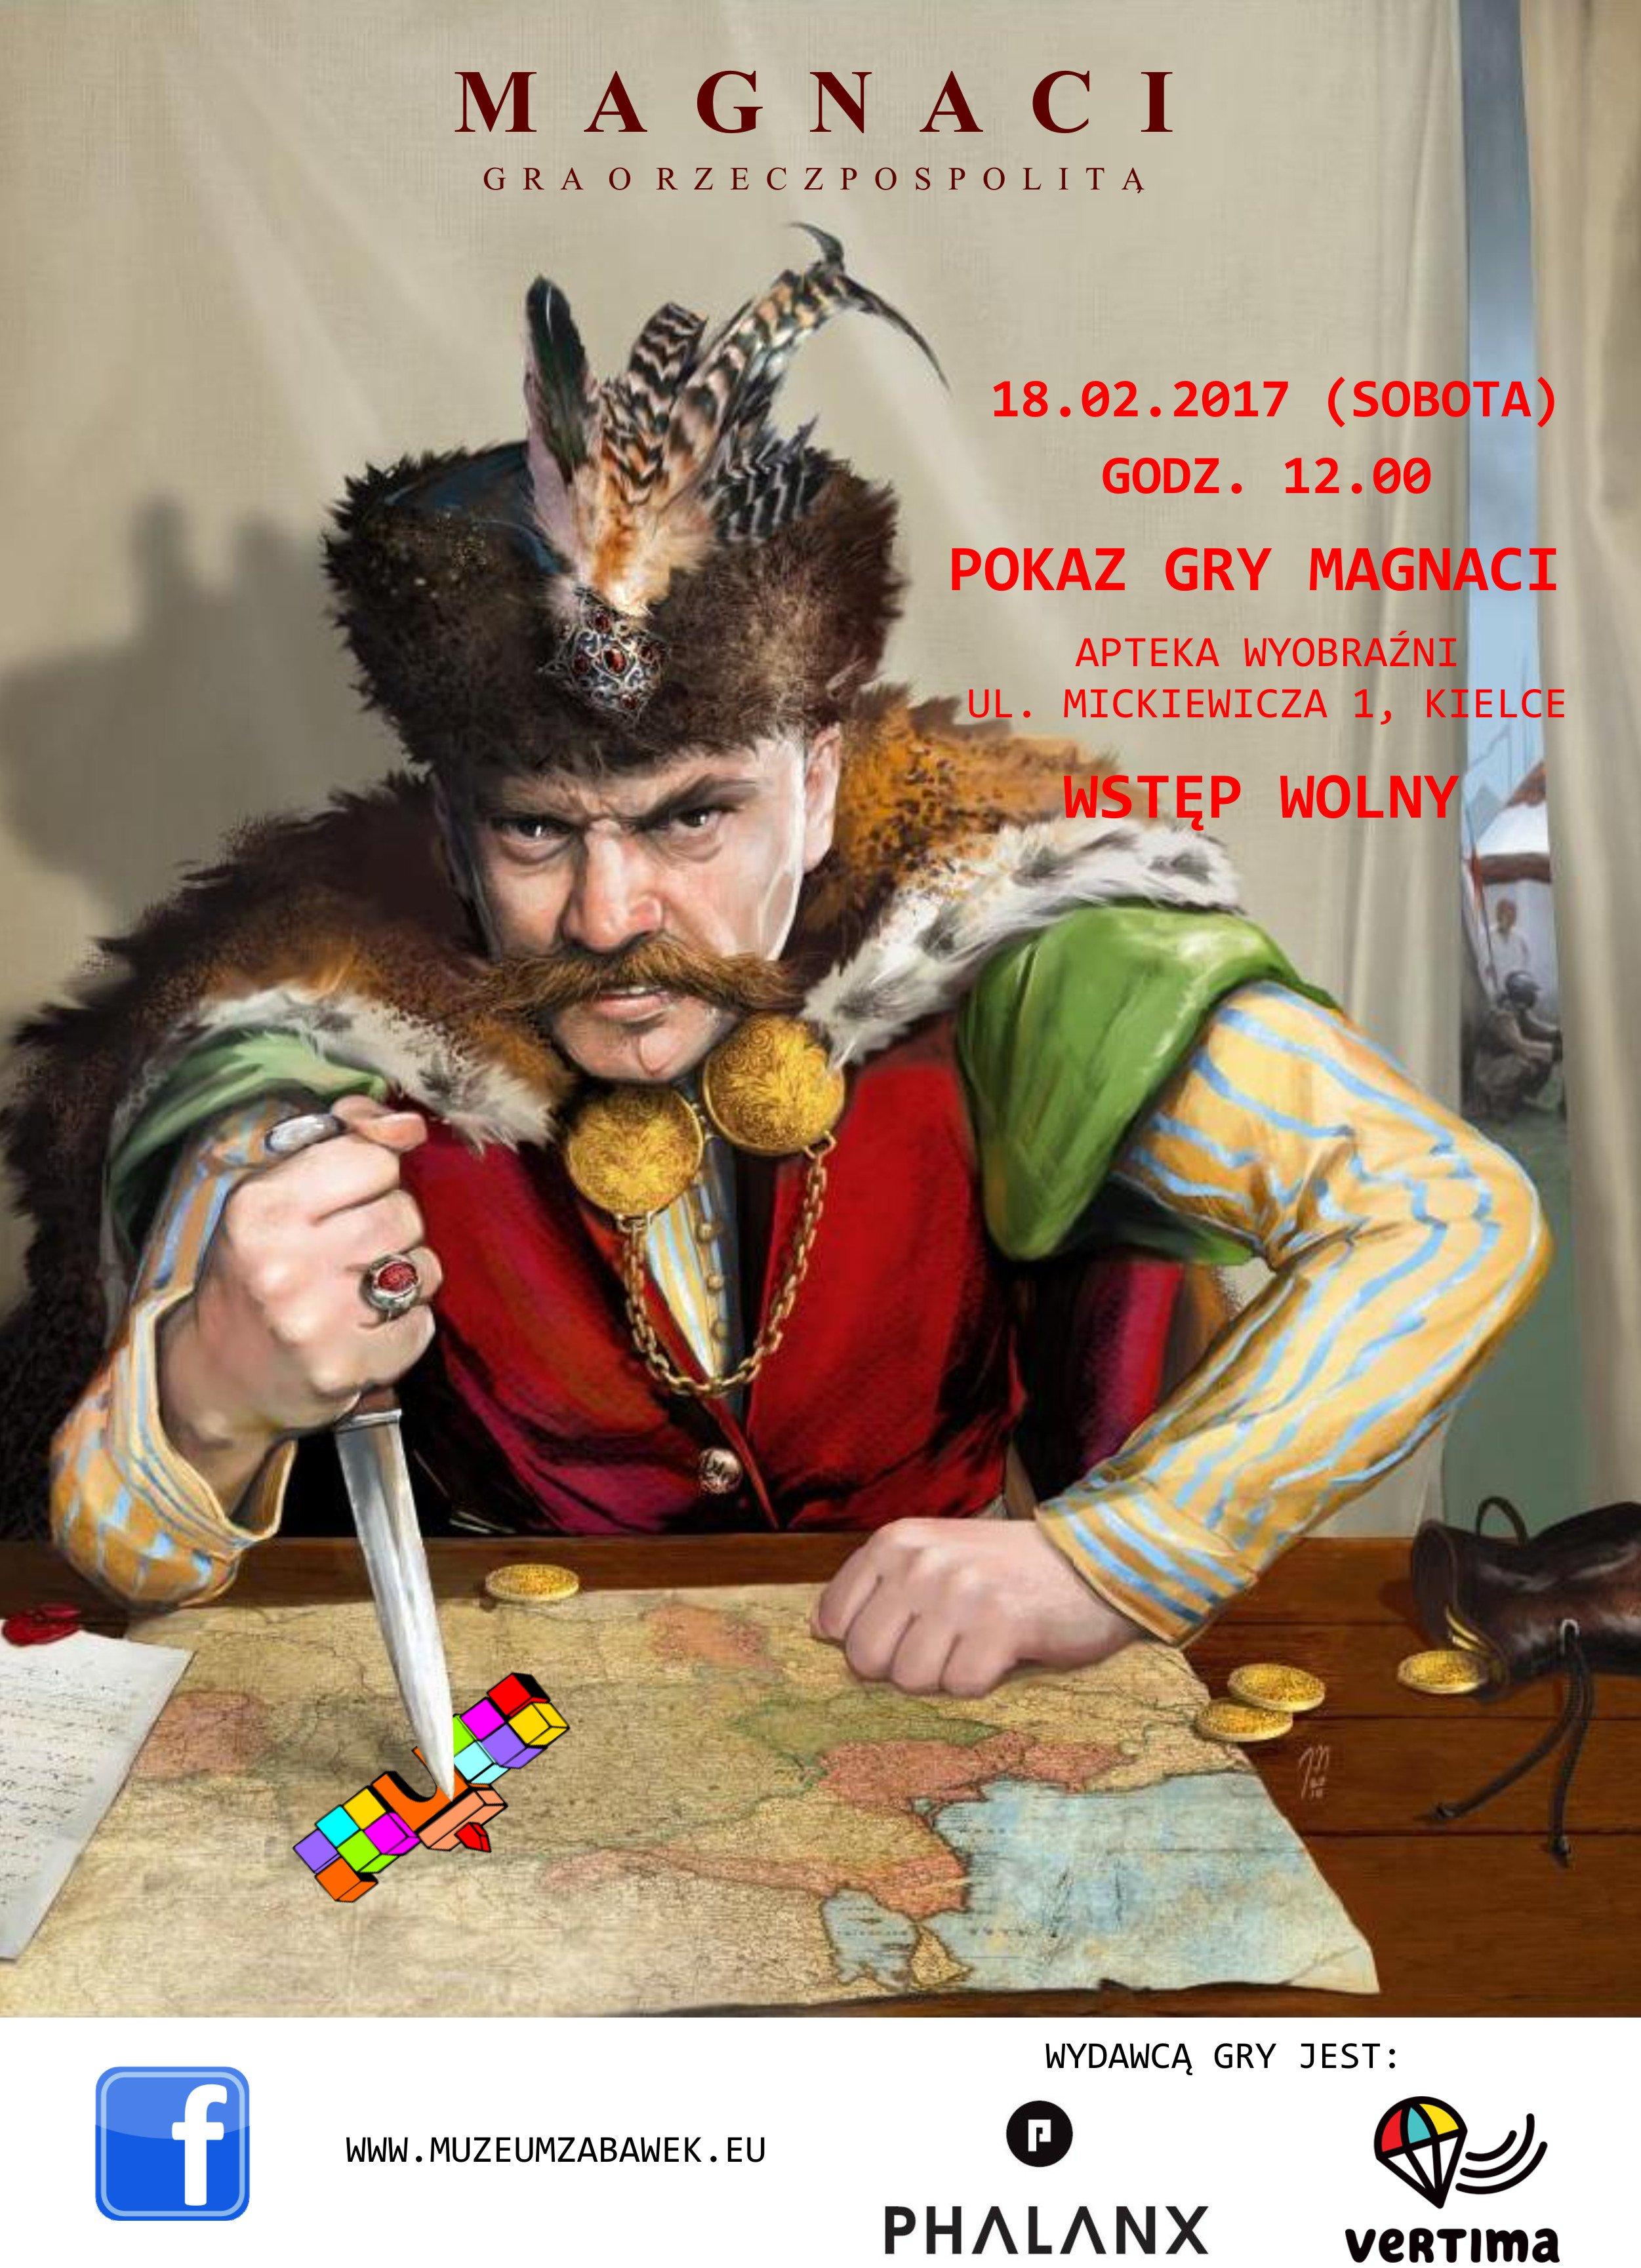 Magnaci - gra w Muzeum Zabawek i Zabawy w Kielcach